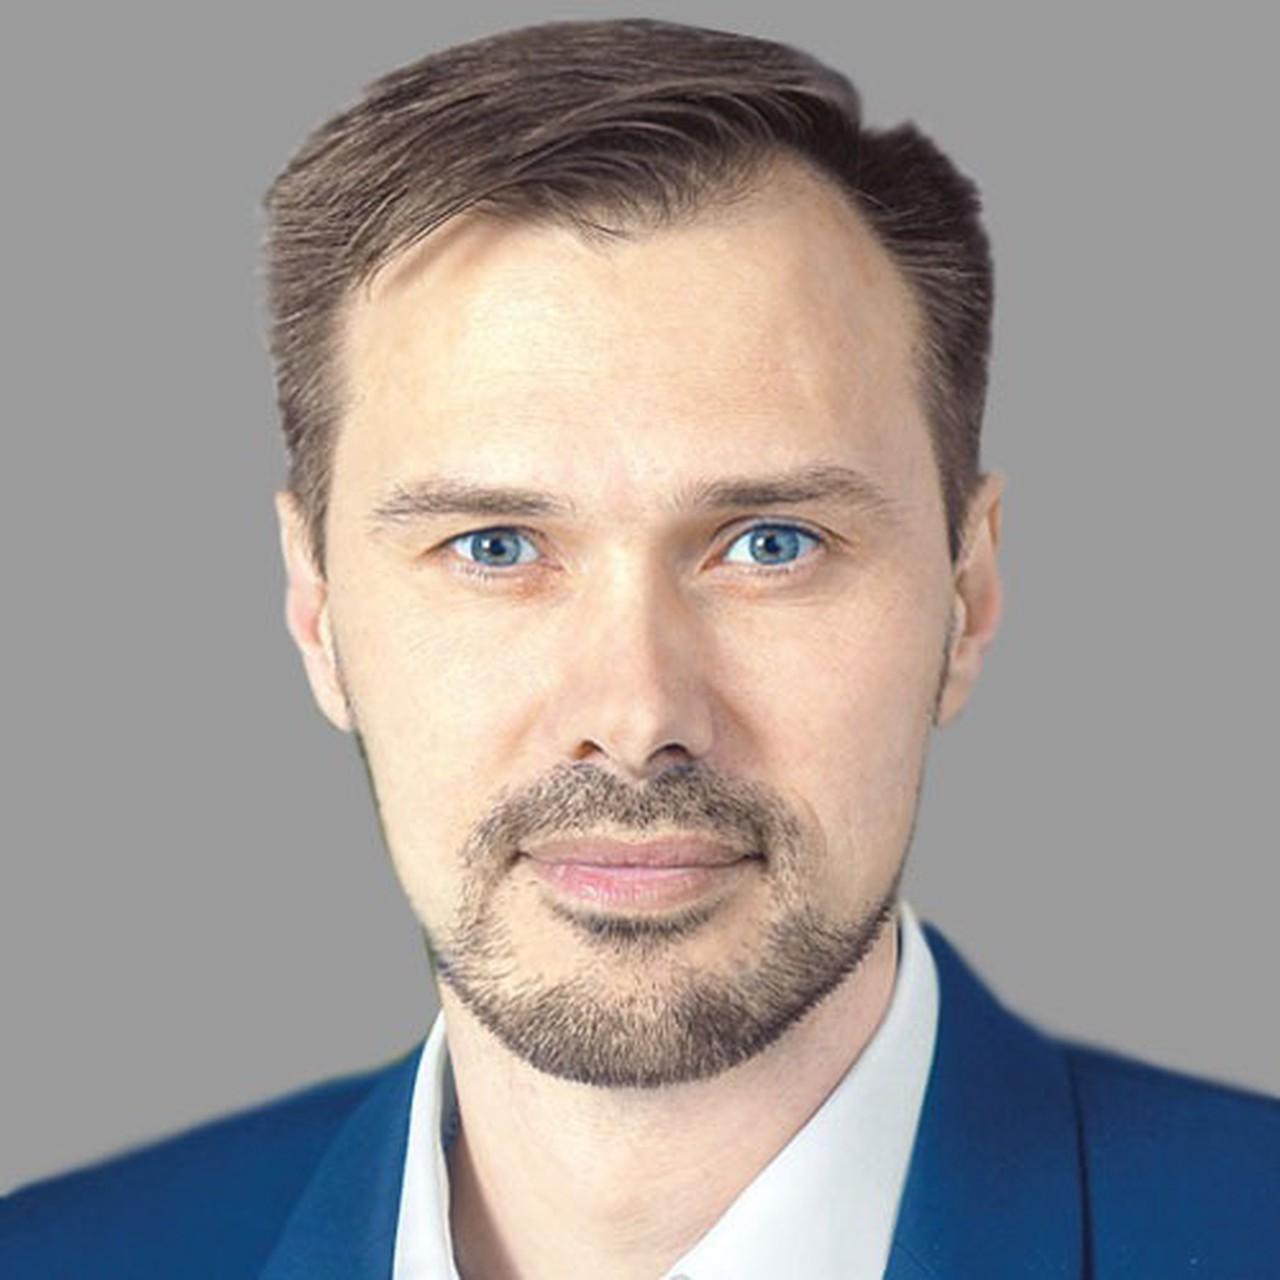 Председатель комиссии столичного парламента по предпринимательству, инновационному развитию и информационным технологиям Валерий Головченко